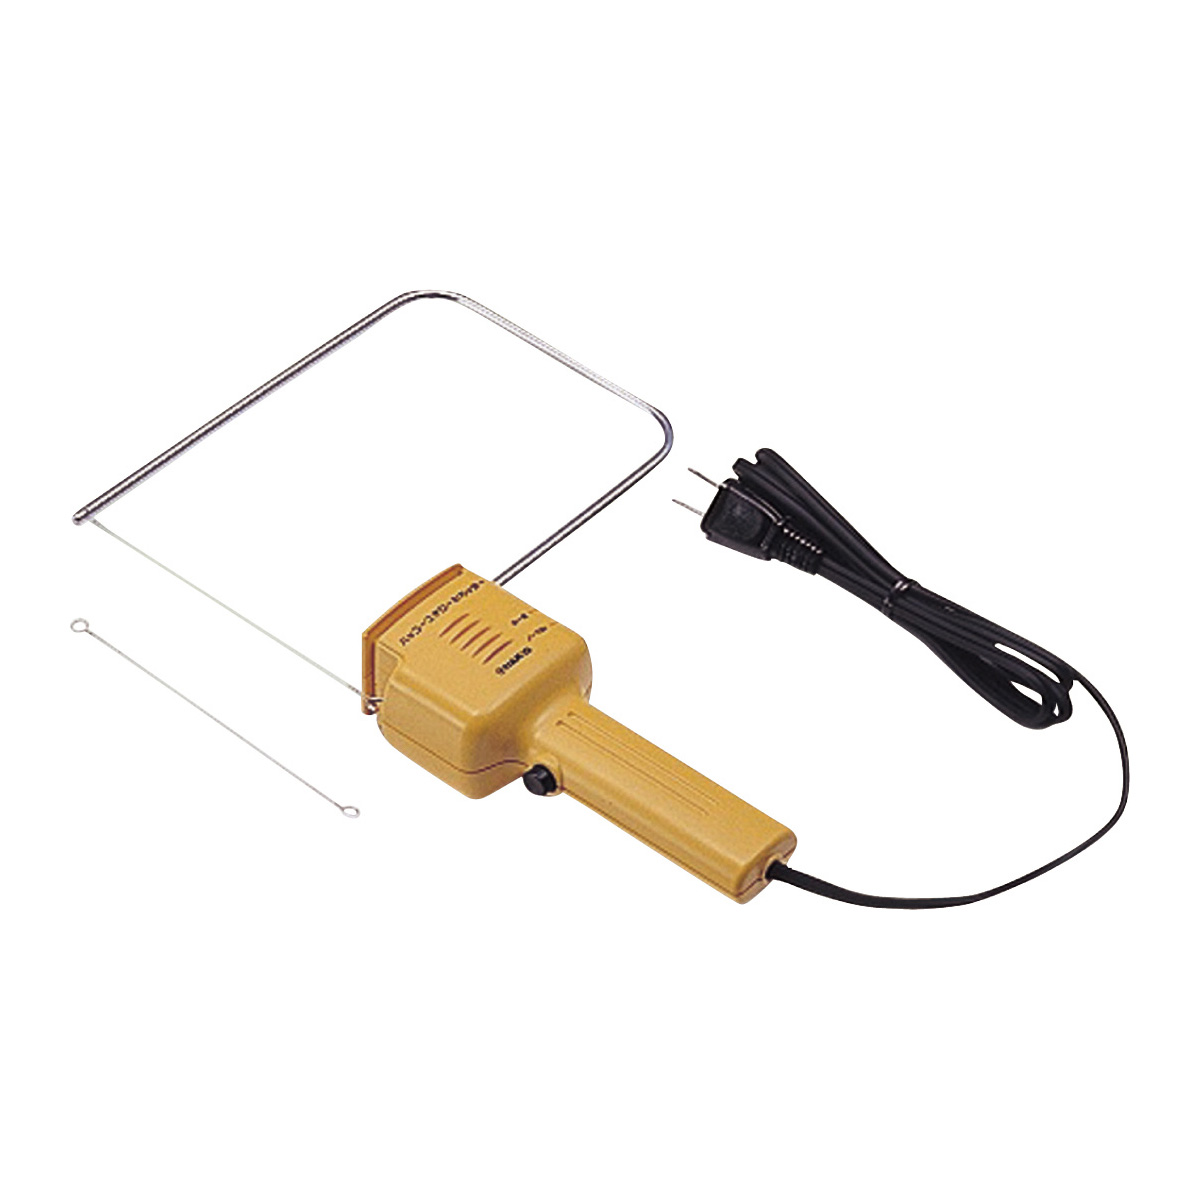 スチロールカッター A型 コンセント式 ヒーター 発泡スチロールカッター 工具 発泡スチロール カッター クリスマスプレゼント